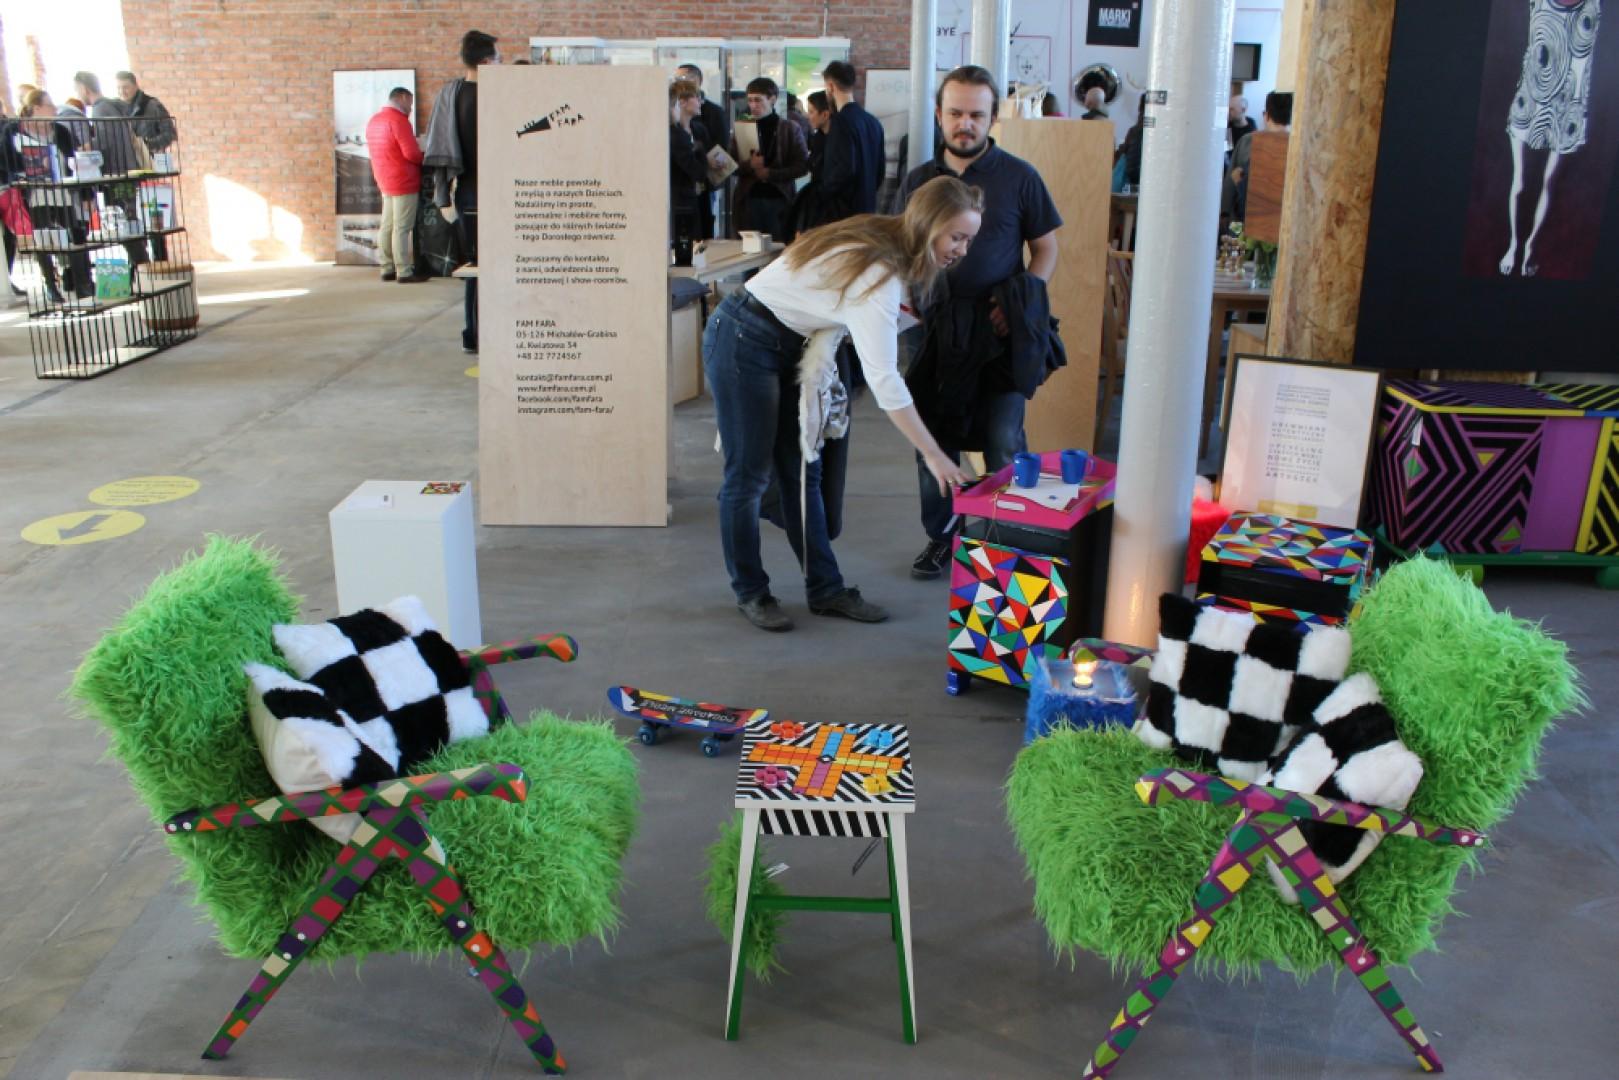 Na wystawach było można zauważyć, iż projektanci szukają źródeł inspiracji w coraz szybciej i nieustannie zmieniającym się świecie. Na zdjęciu zaprezentowane jest stoisko marki Porąbane Meble. Fot. Piotr Sawczuk